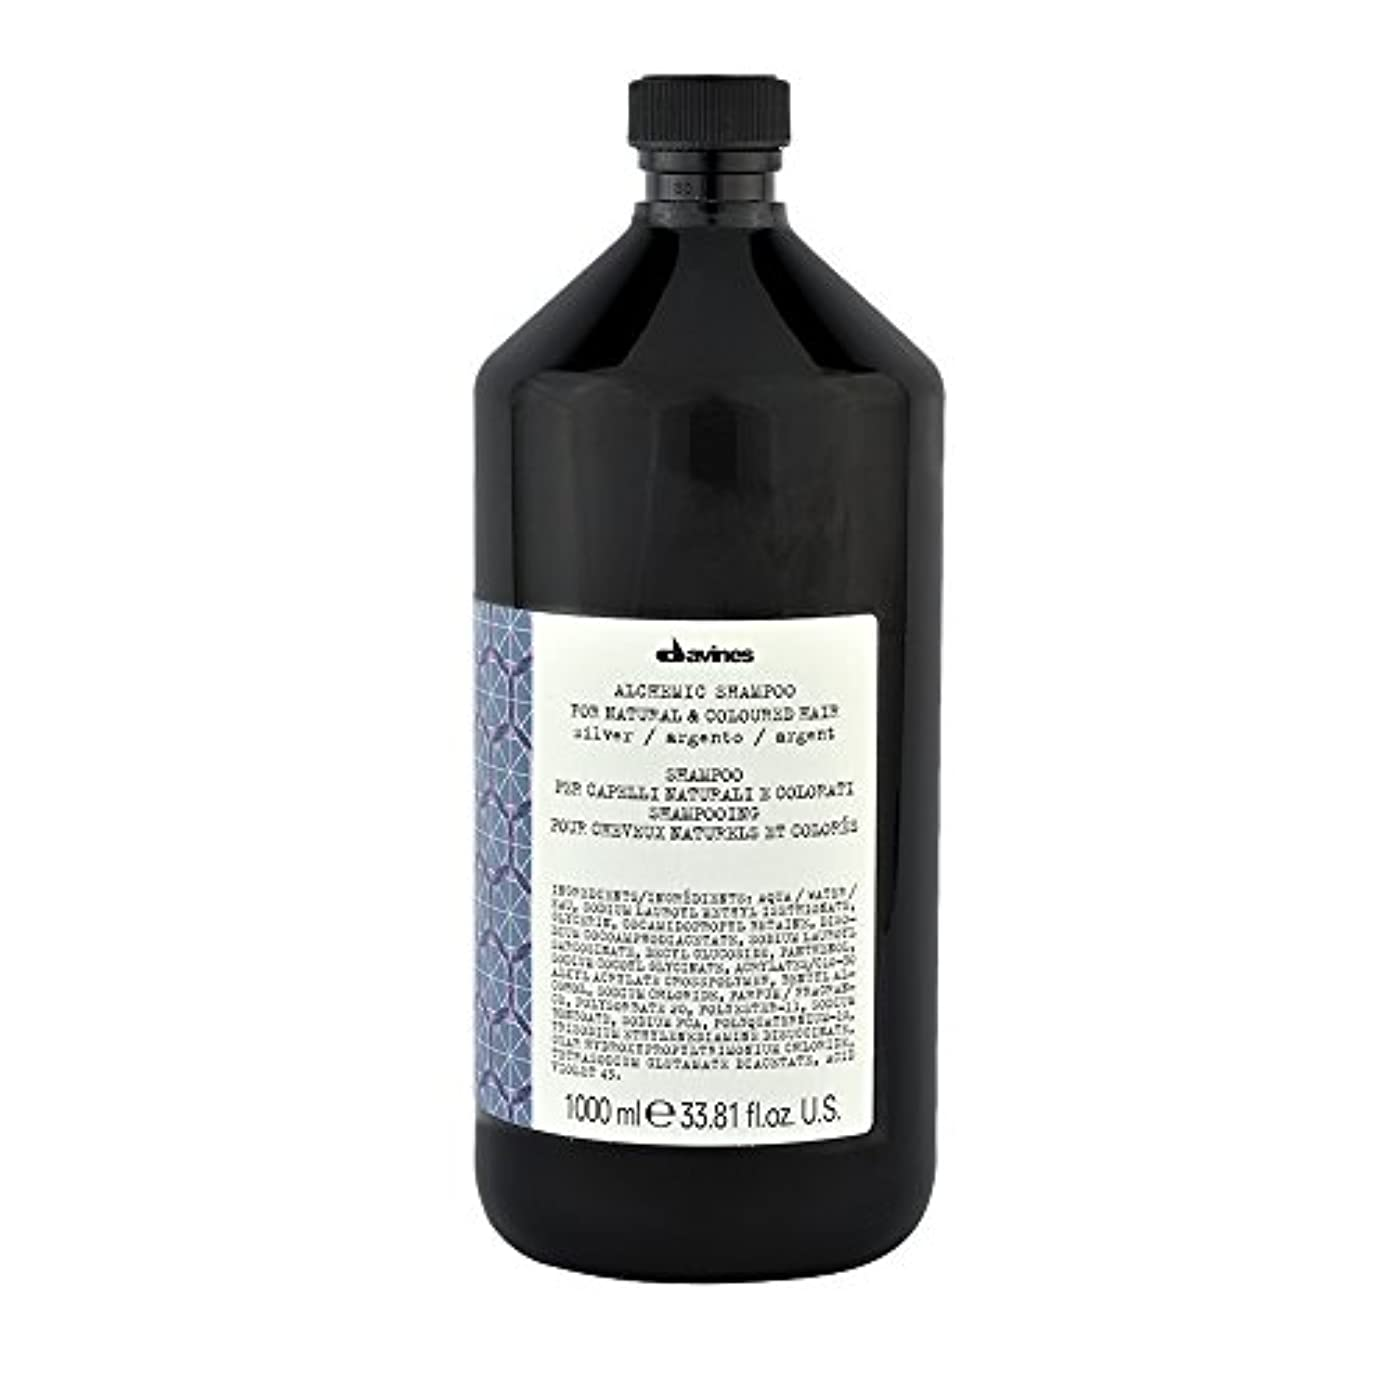 気配りのある独裁者ガイドダヴィネス Alchemic Conditioner - # Silver (For Natural & Coloured Hair) 1000ml/33.81oz並行輸入品